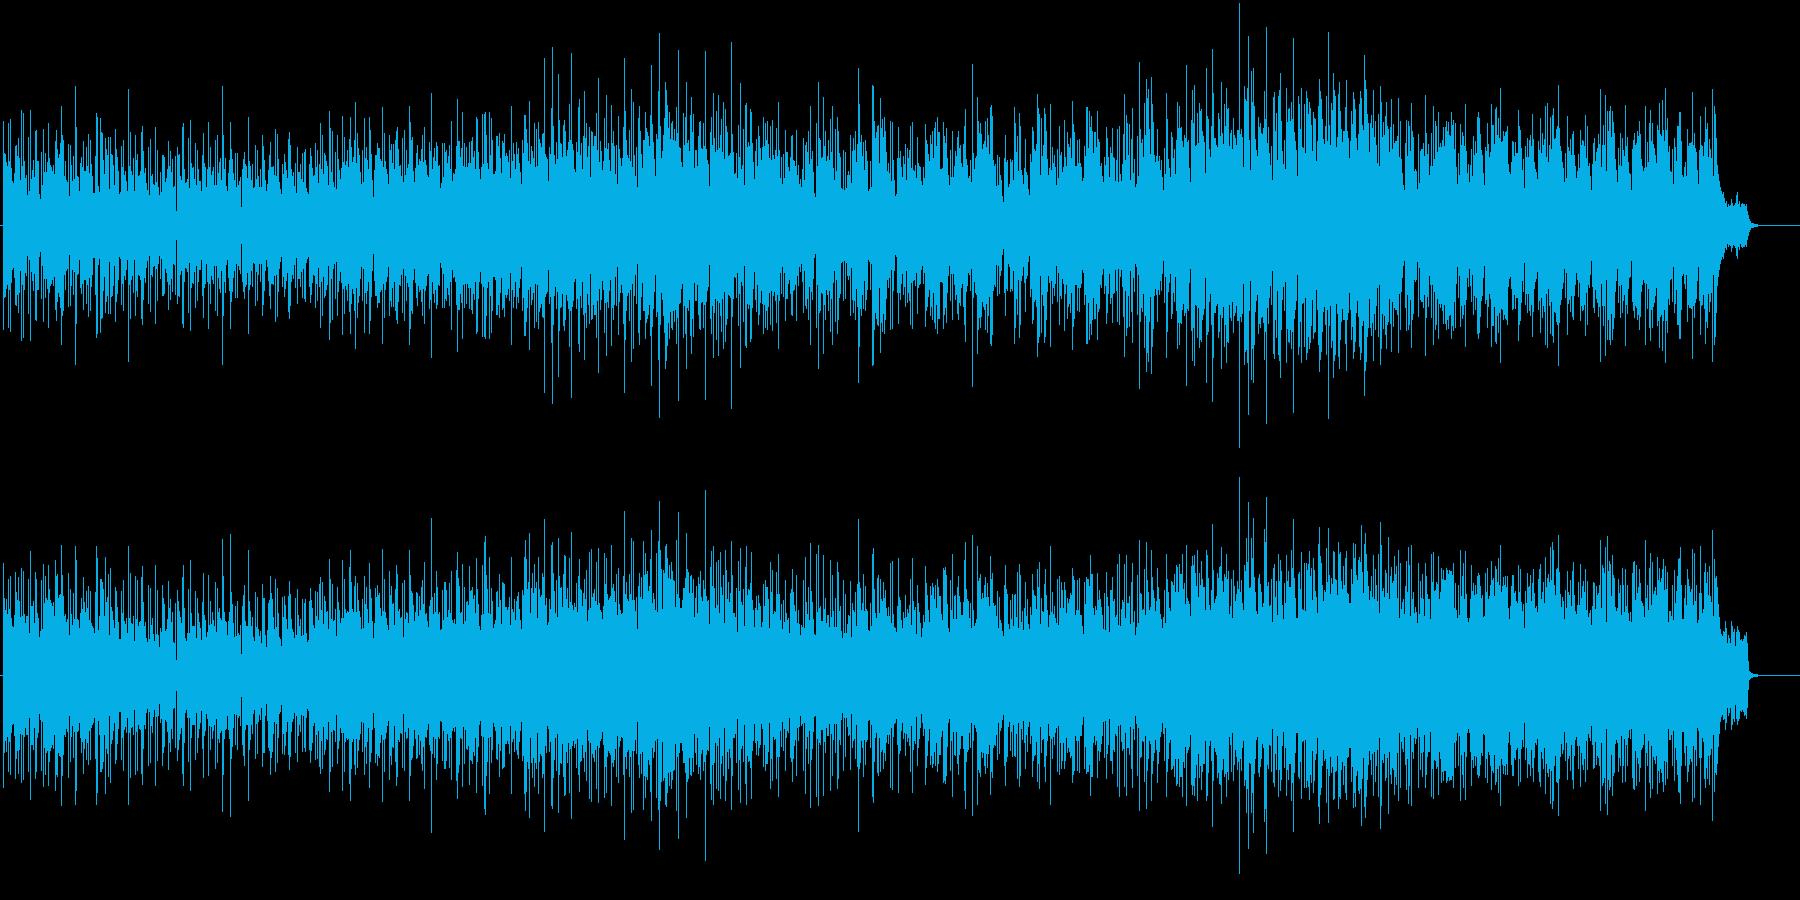 ブライトなボサノヴァ・ポップスの再生済みの波形